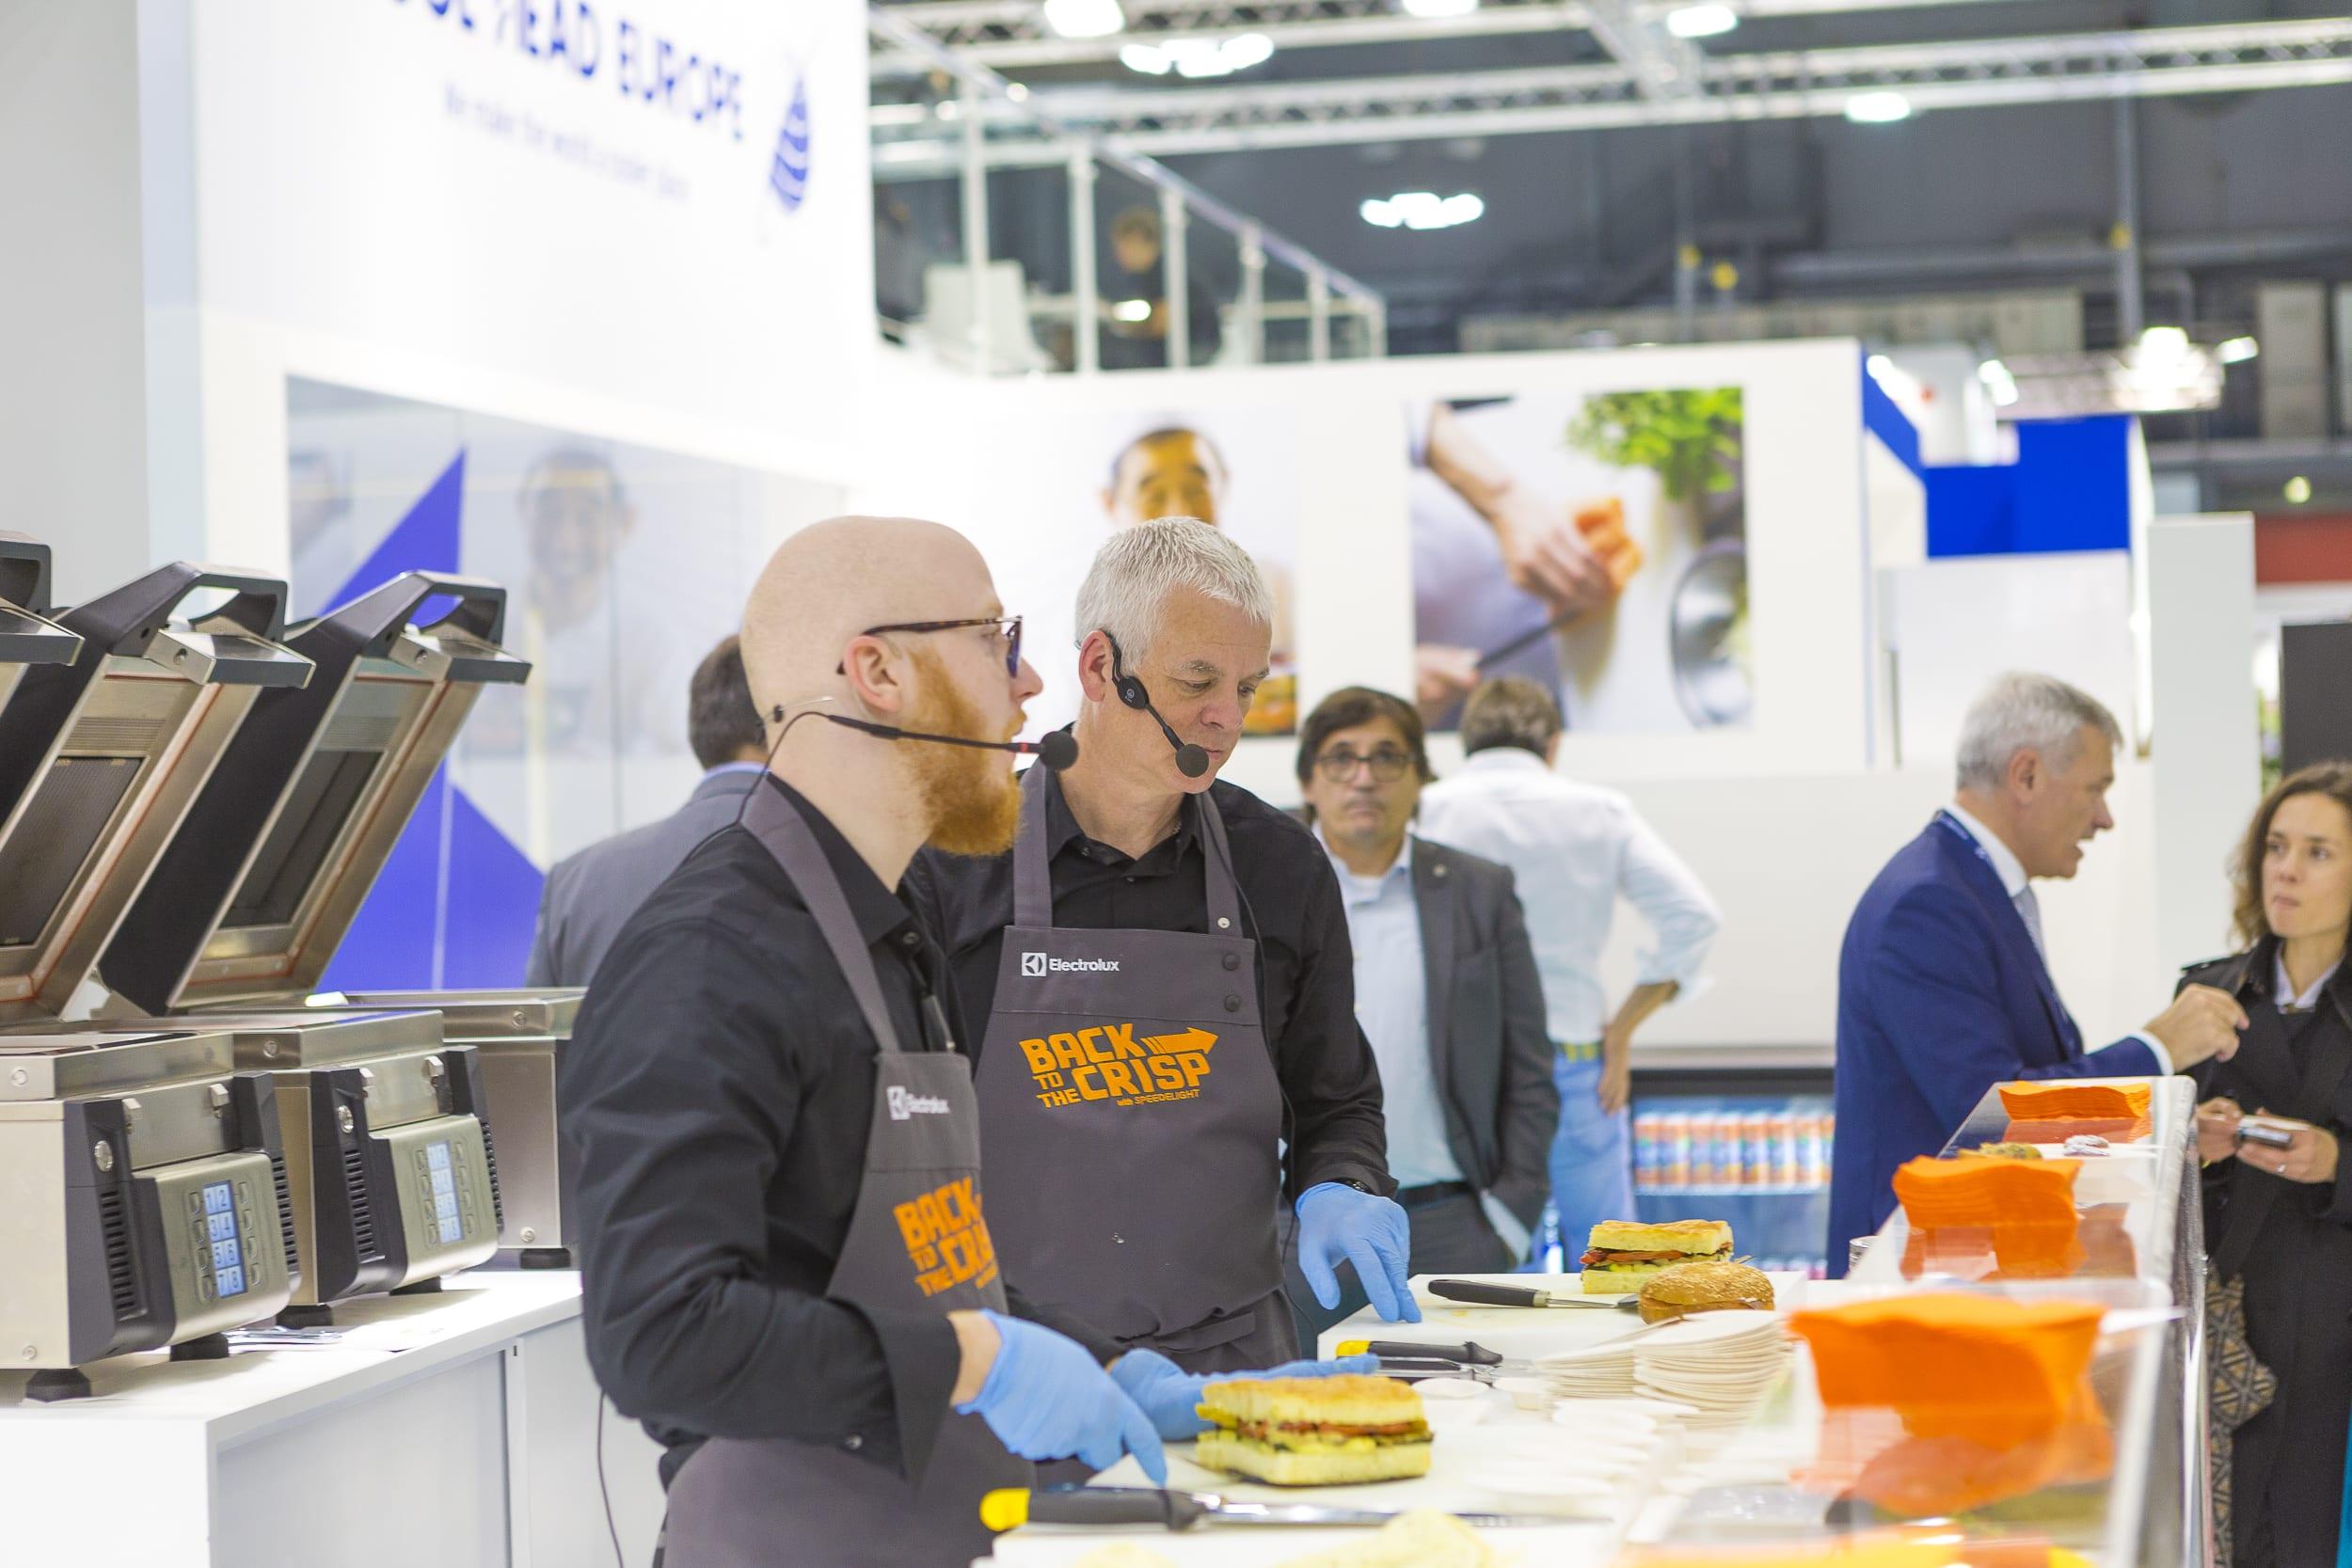 Elextrolux Professional chefs demonstrate SpeeDelight